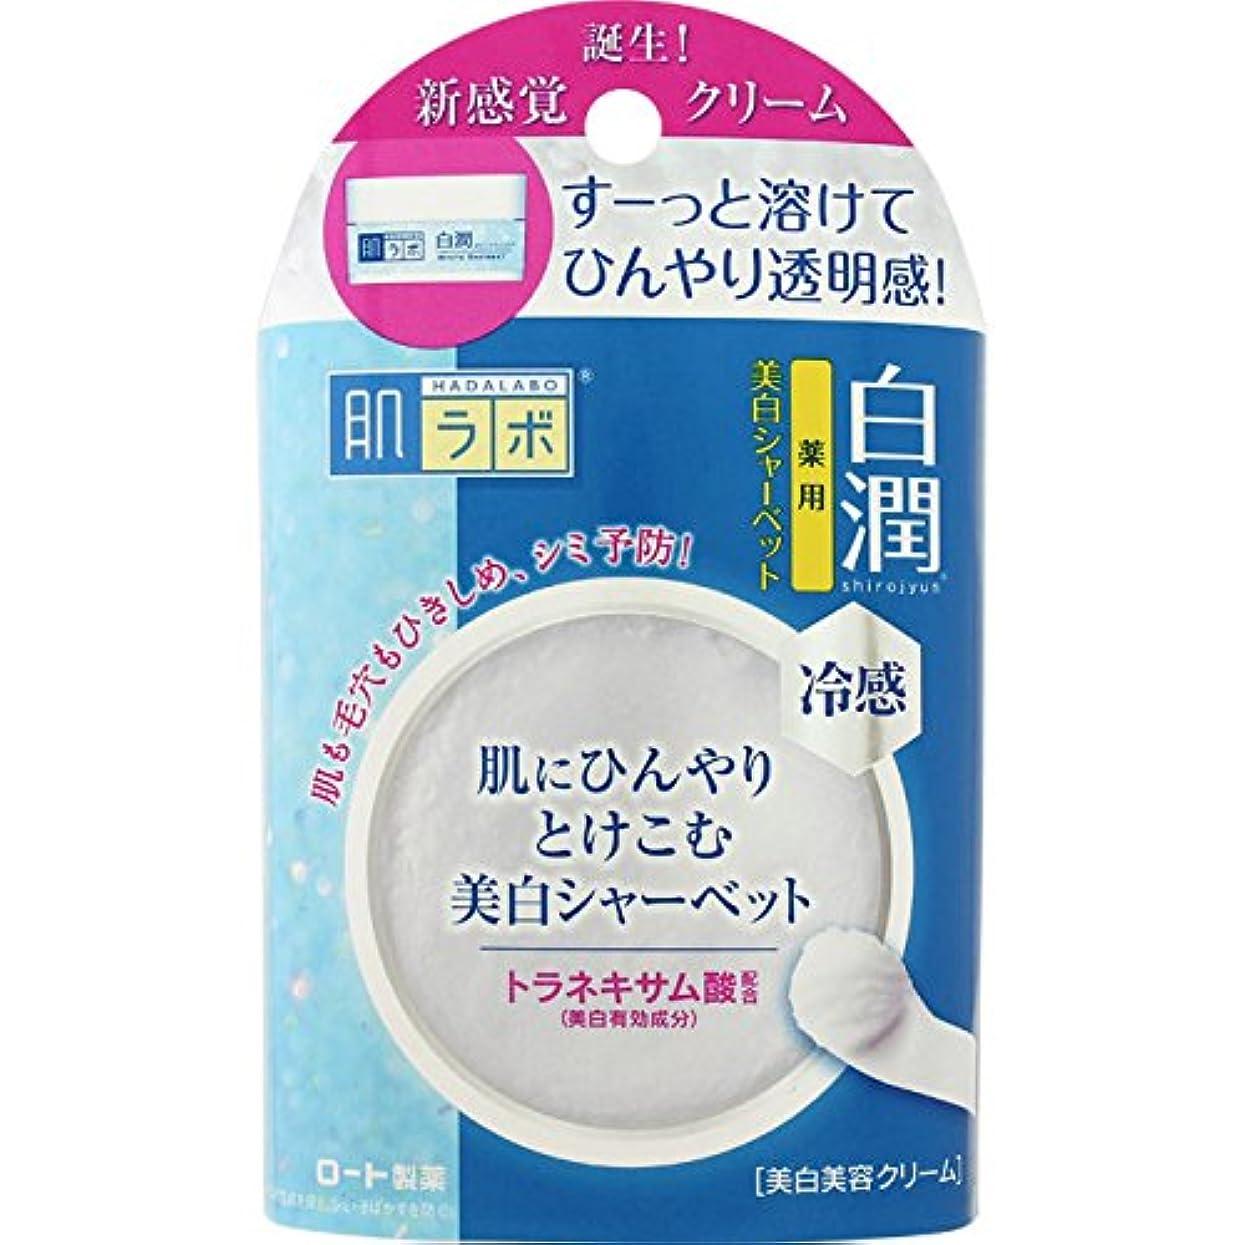 【医薬部外品】肌ラボ 白潤 トラネキサム酸配合 ひんやり冷感美白シャーベット 30g